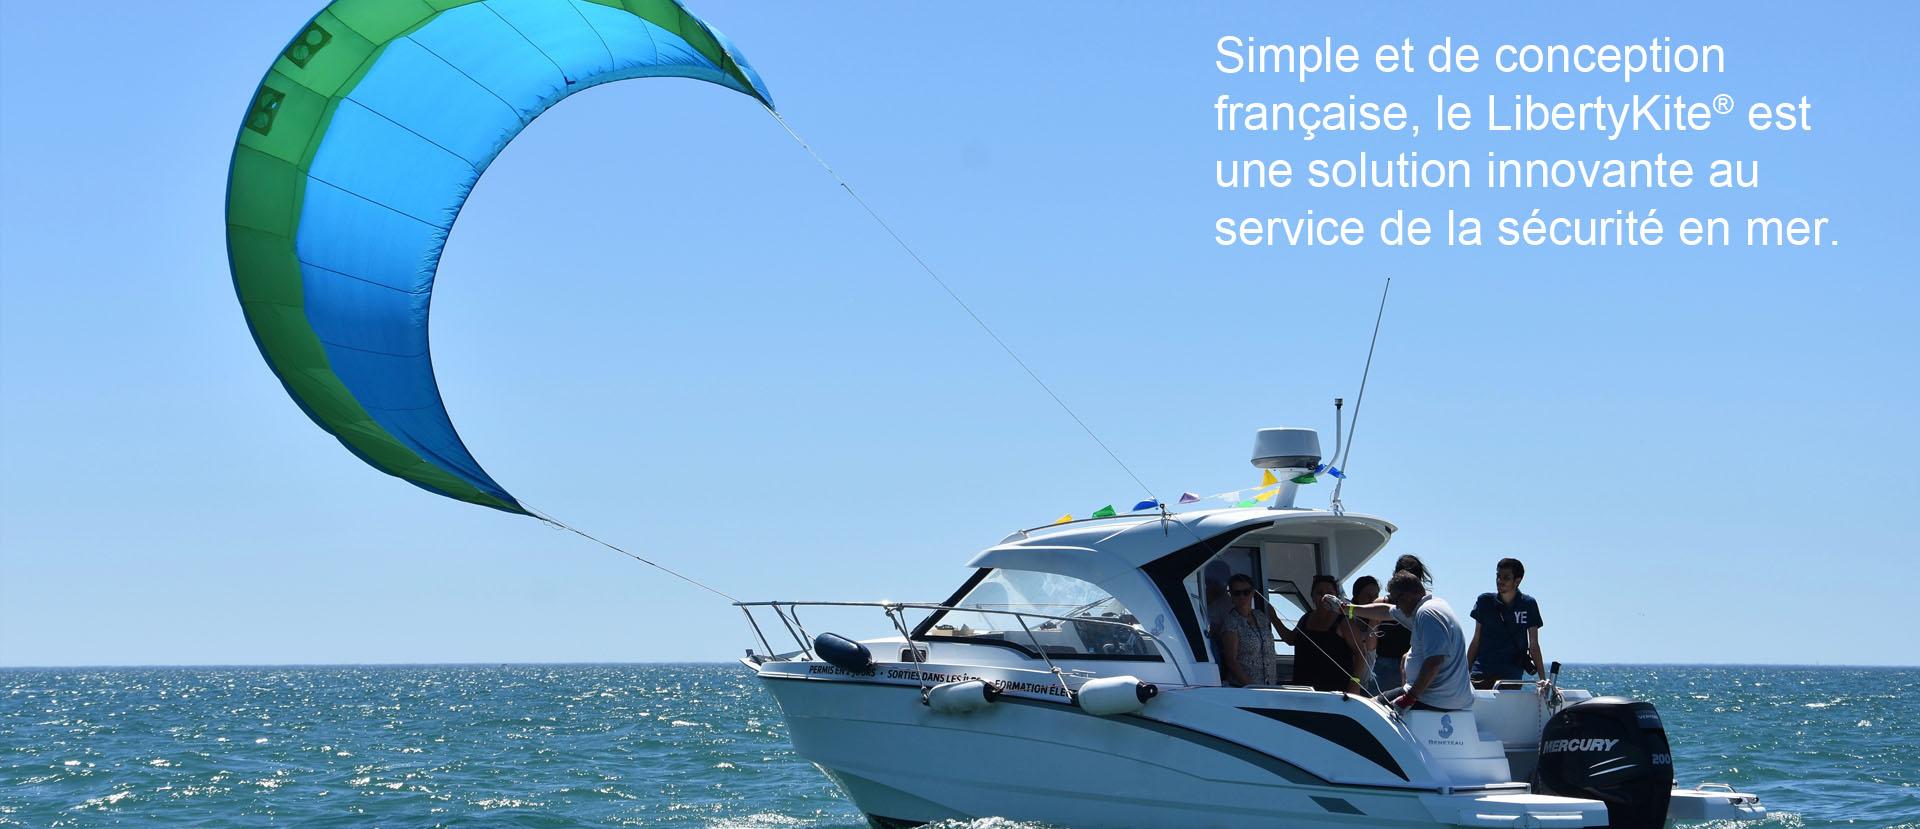 liberty-kite-bateau-21